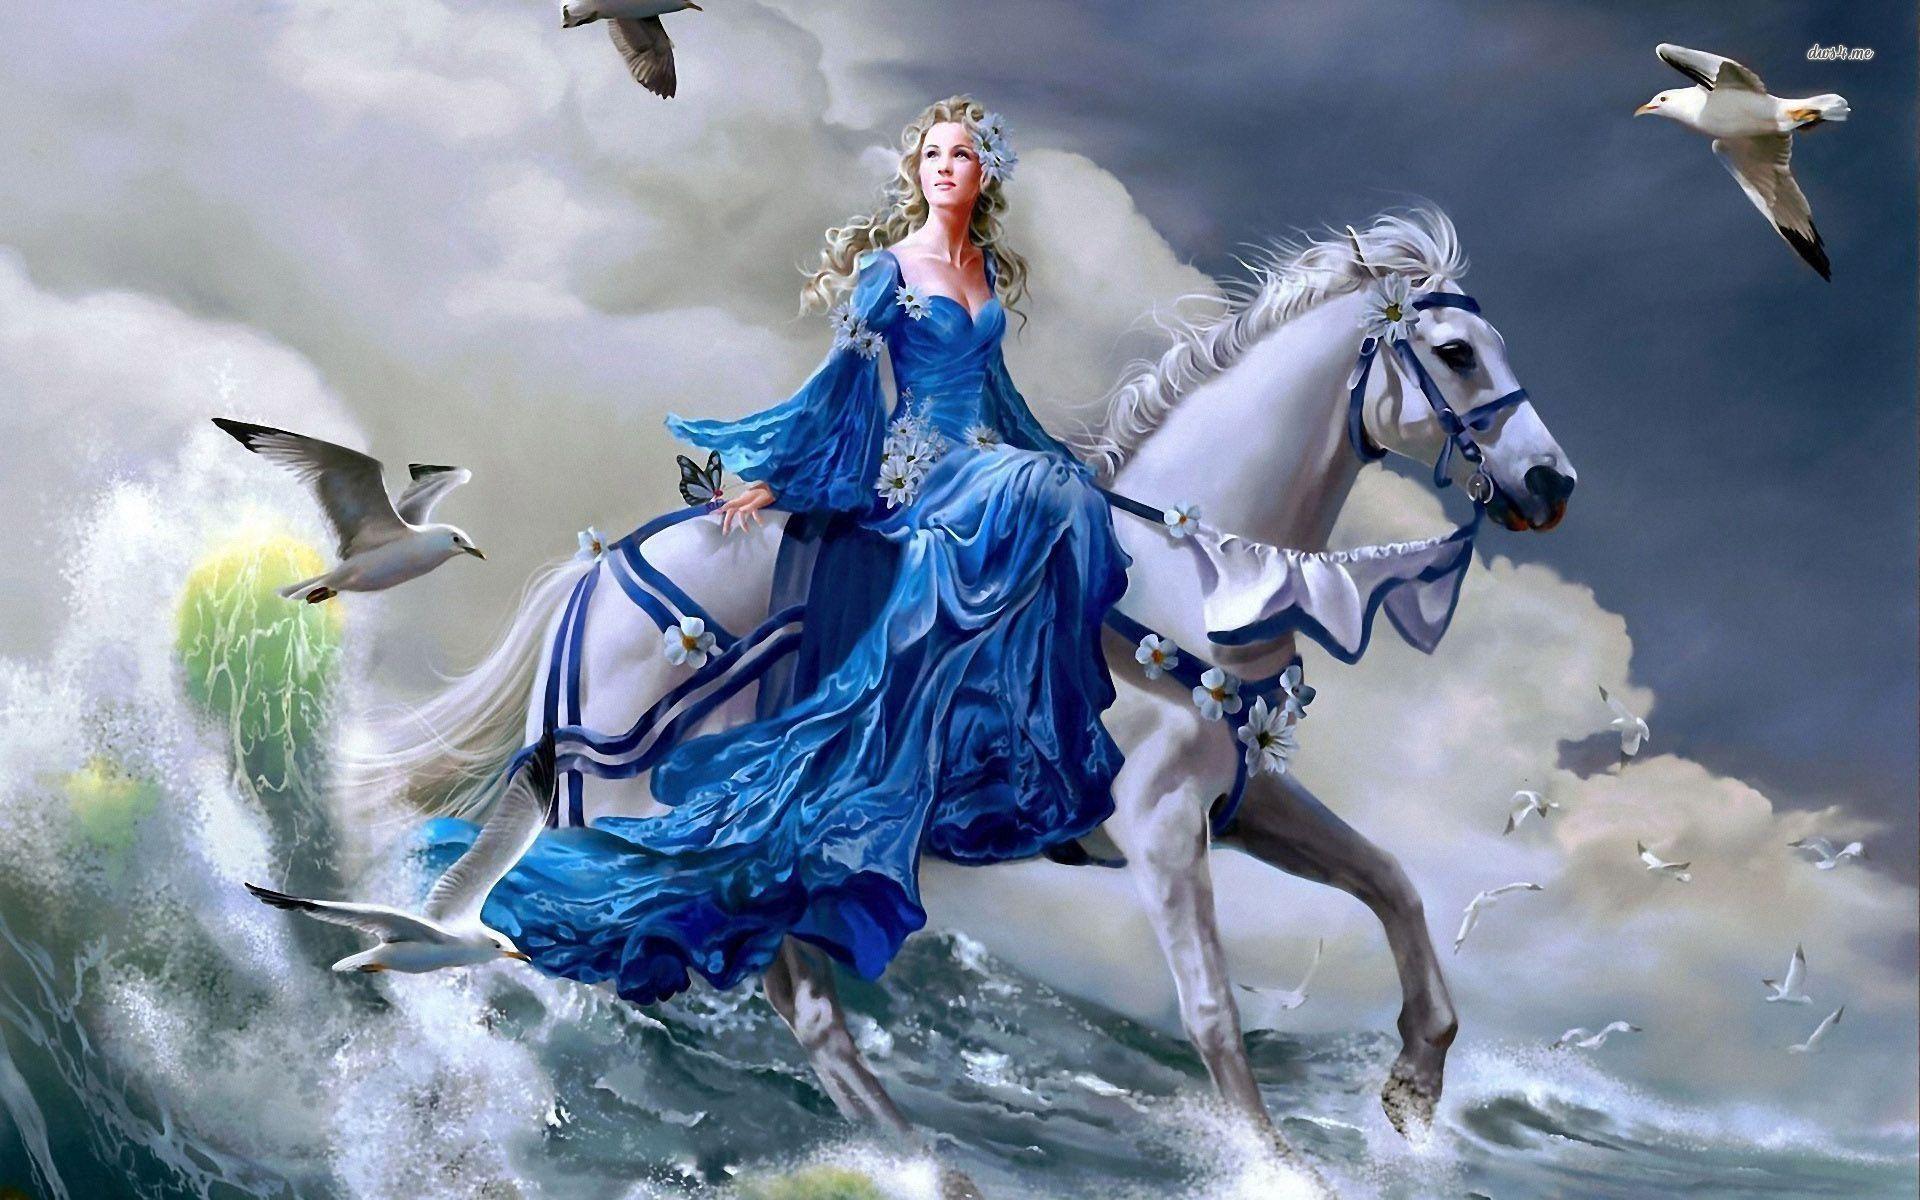 Best Wallpaper Horse Fairy - 5b95d28a558d76e7c33ab7a26a726110  HD_363626.jpg